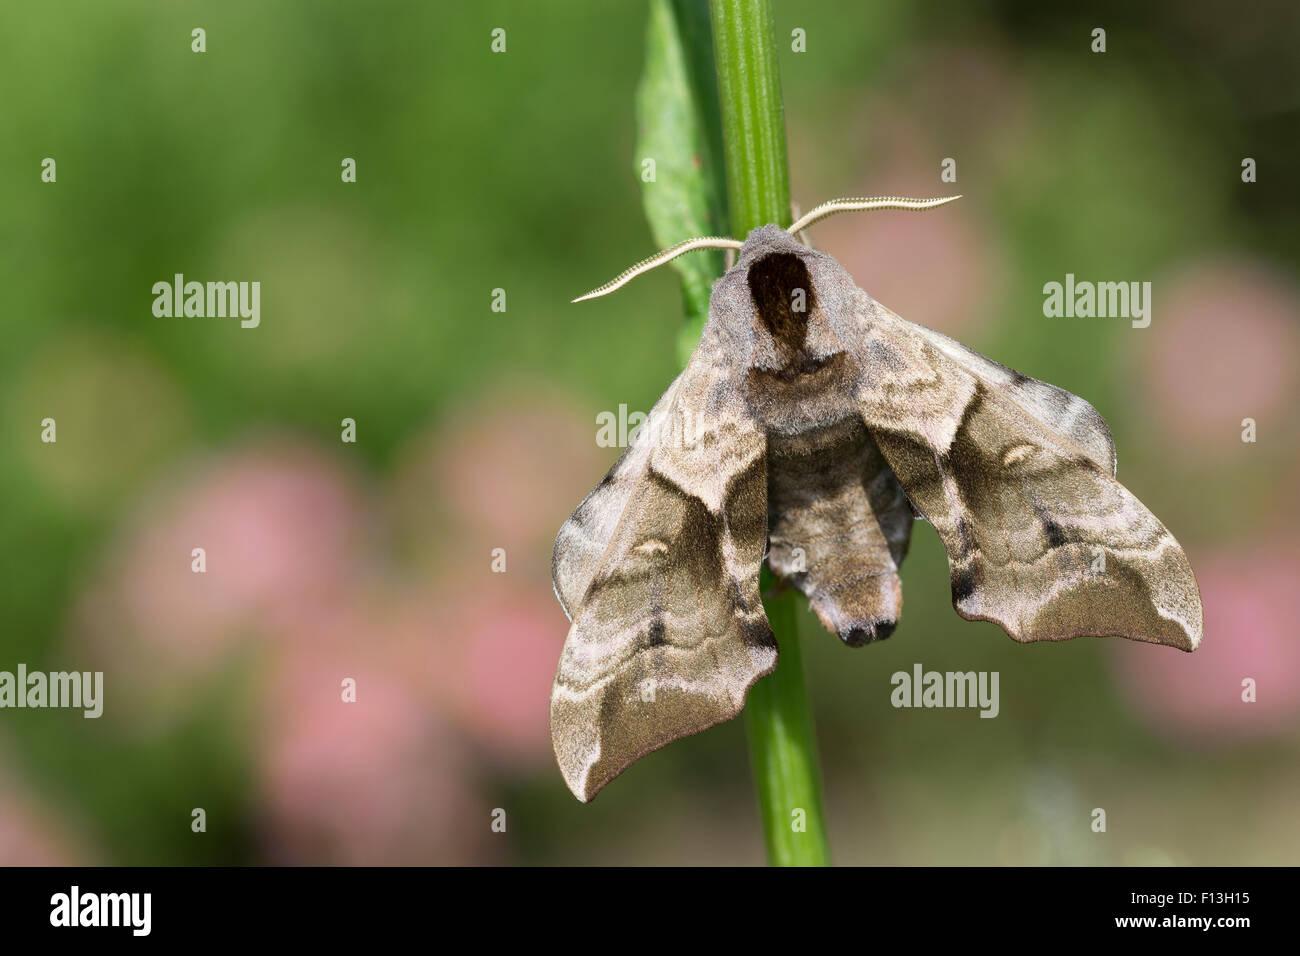 Eyed Hawk-Moth, Eyed Hawkmoth, Abendpfauenauge, Abend-Pfauenauge, Smerinthus ocellata, Smerinthus ocellatus, Le - Stock Image